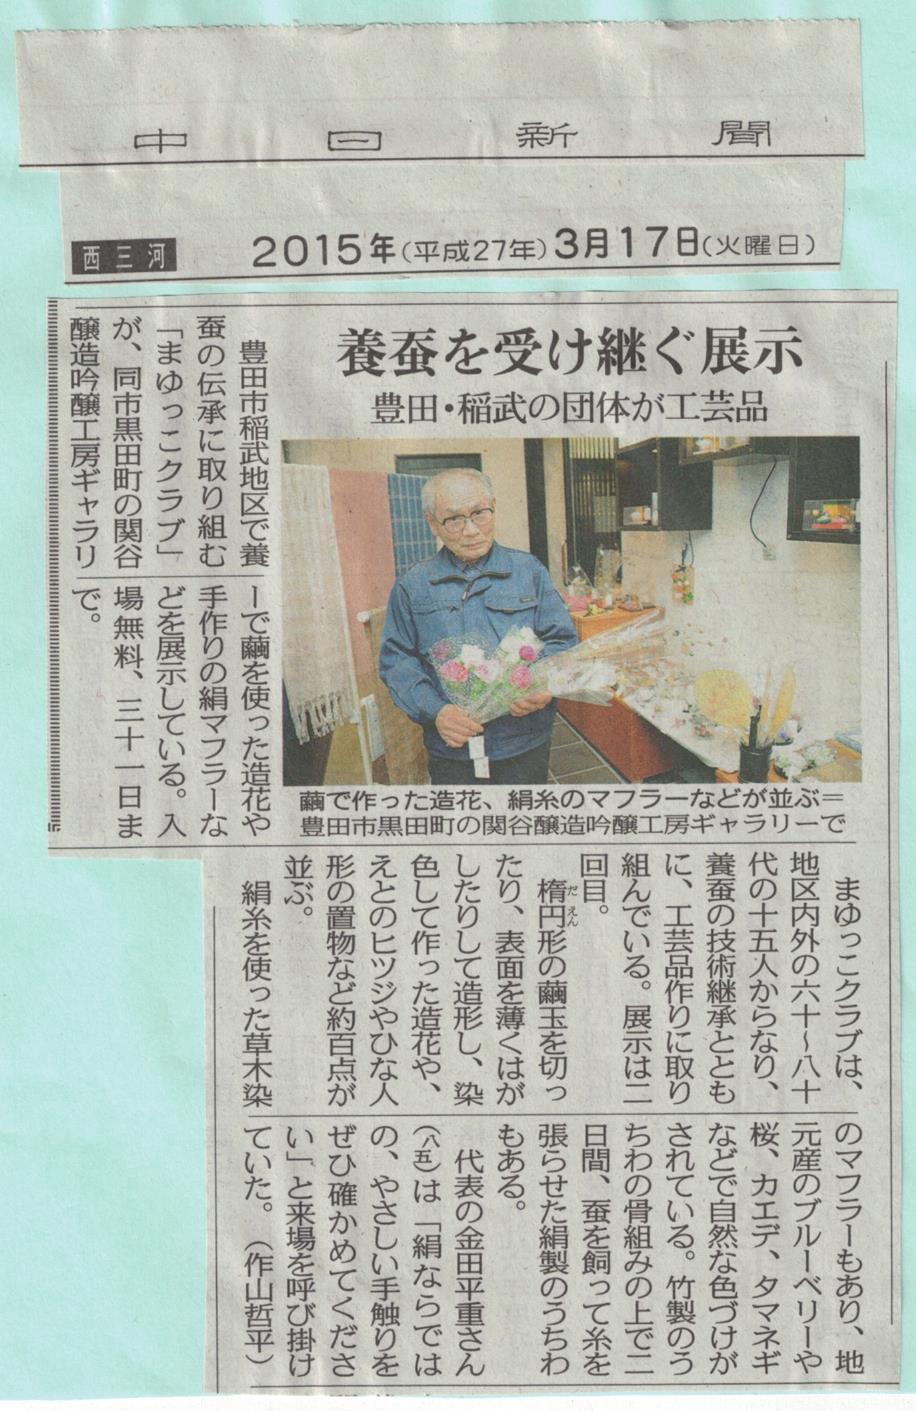 3-17中日新聞_b0204636_1515077.jpg